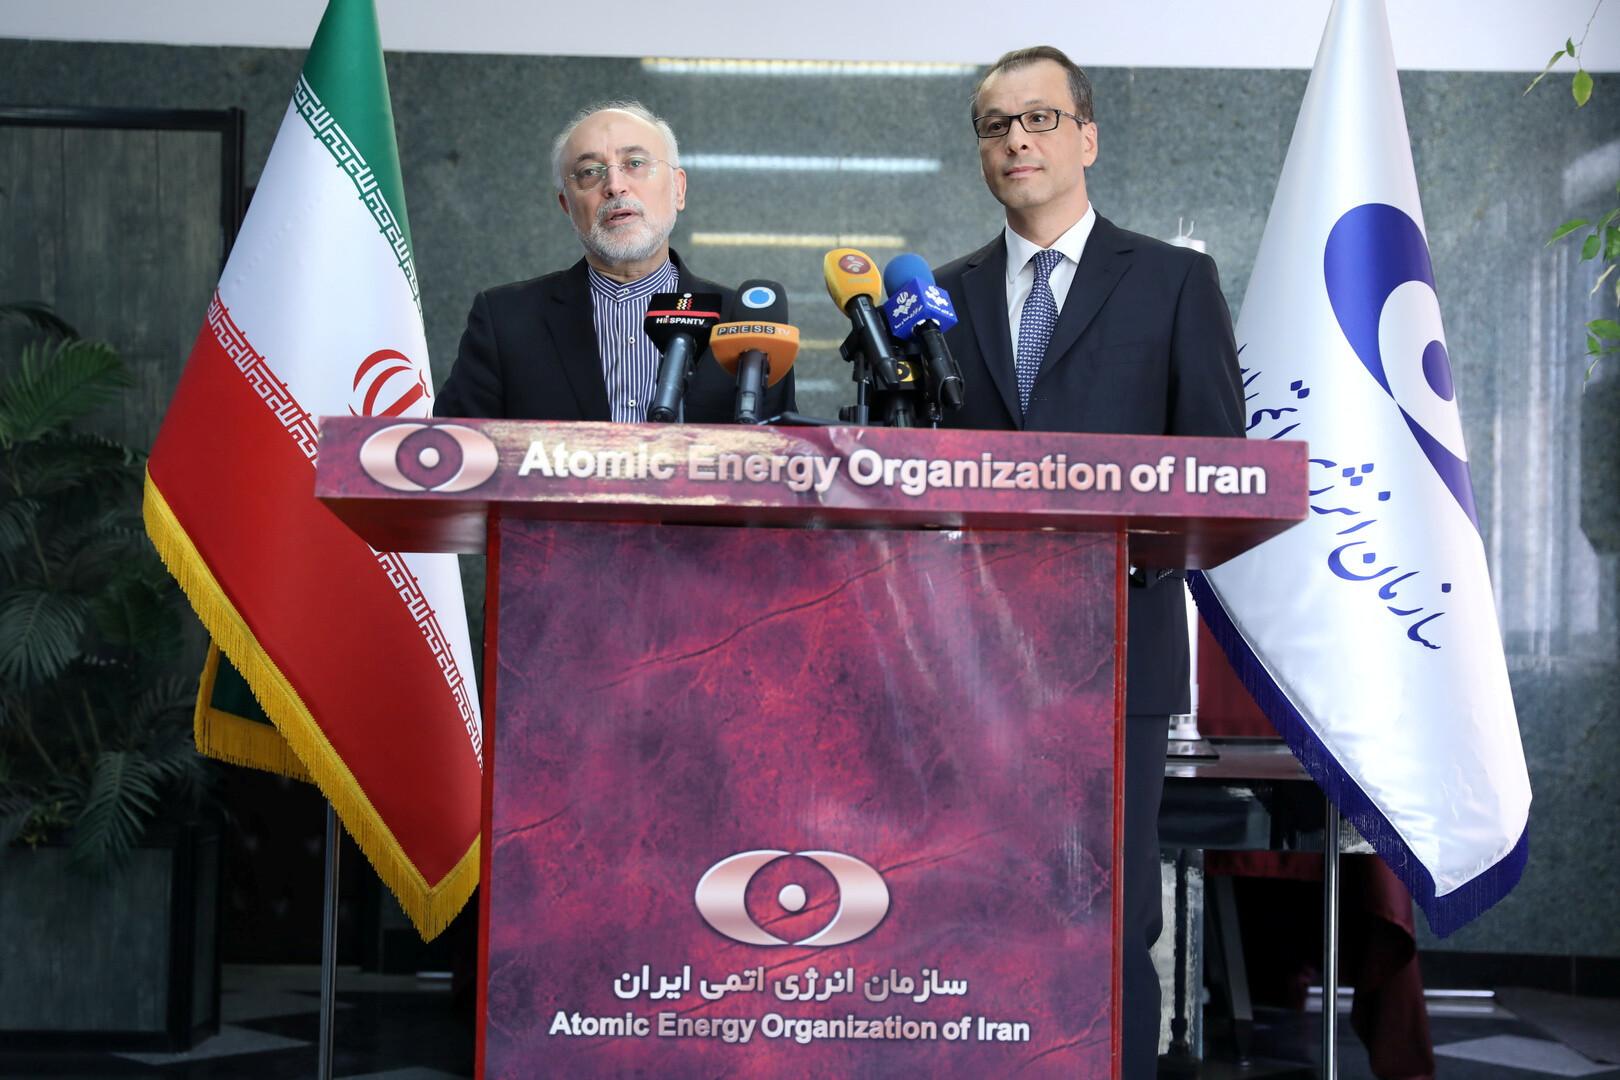 إيران تنتهك الصفقة النووية للمرة الثالثة